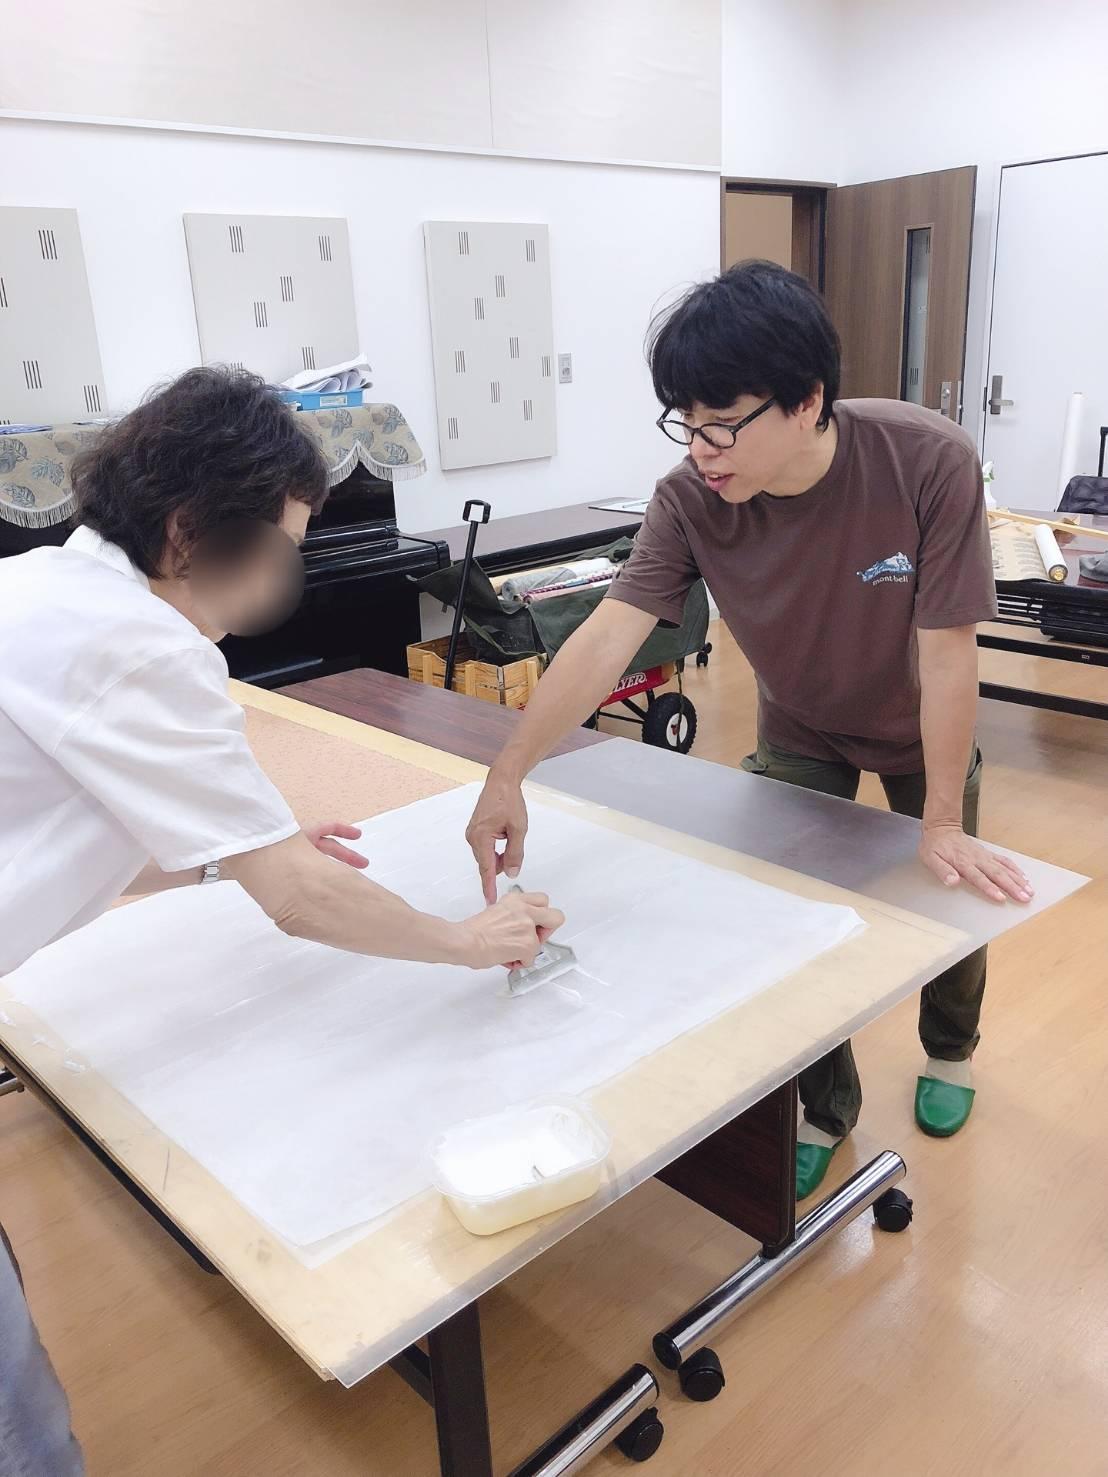 【三木校】体験:楽しい表装セミナー・日曜クラス3DAY体験 19/04/05~20/07/05